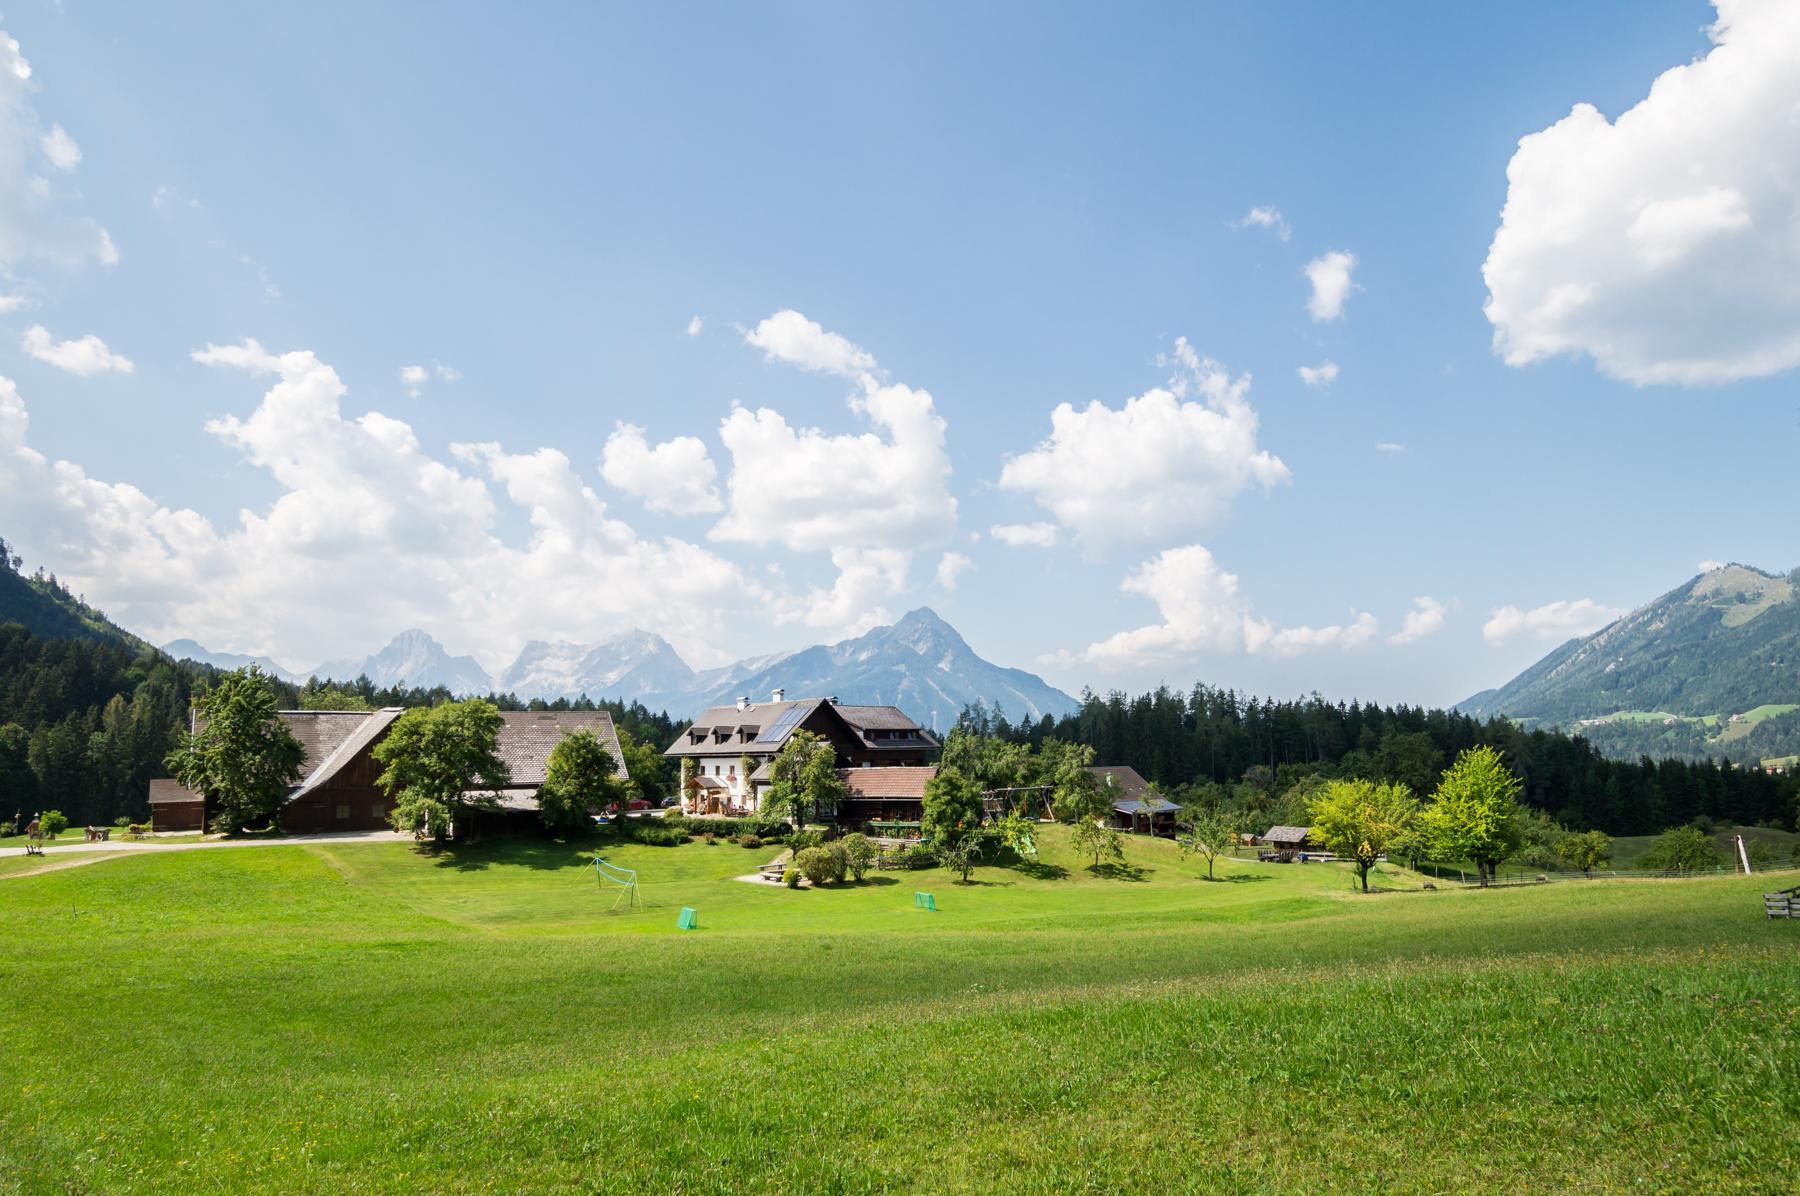 Familienbauernhof Grossgrub #Willkommen#Bildergalerie